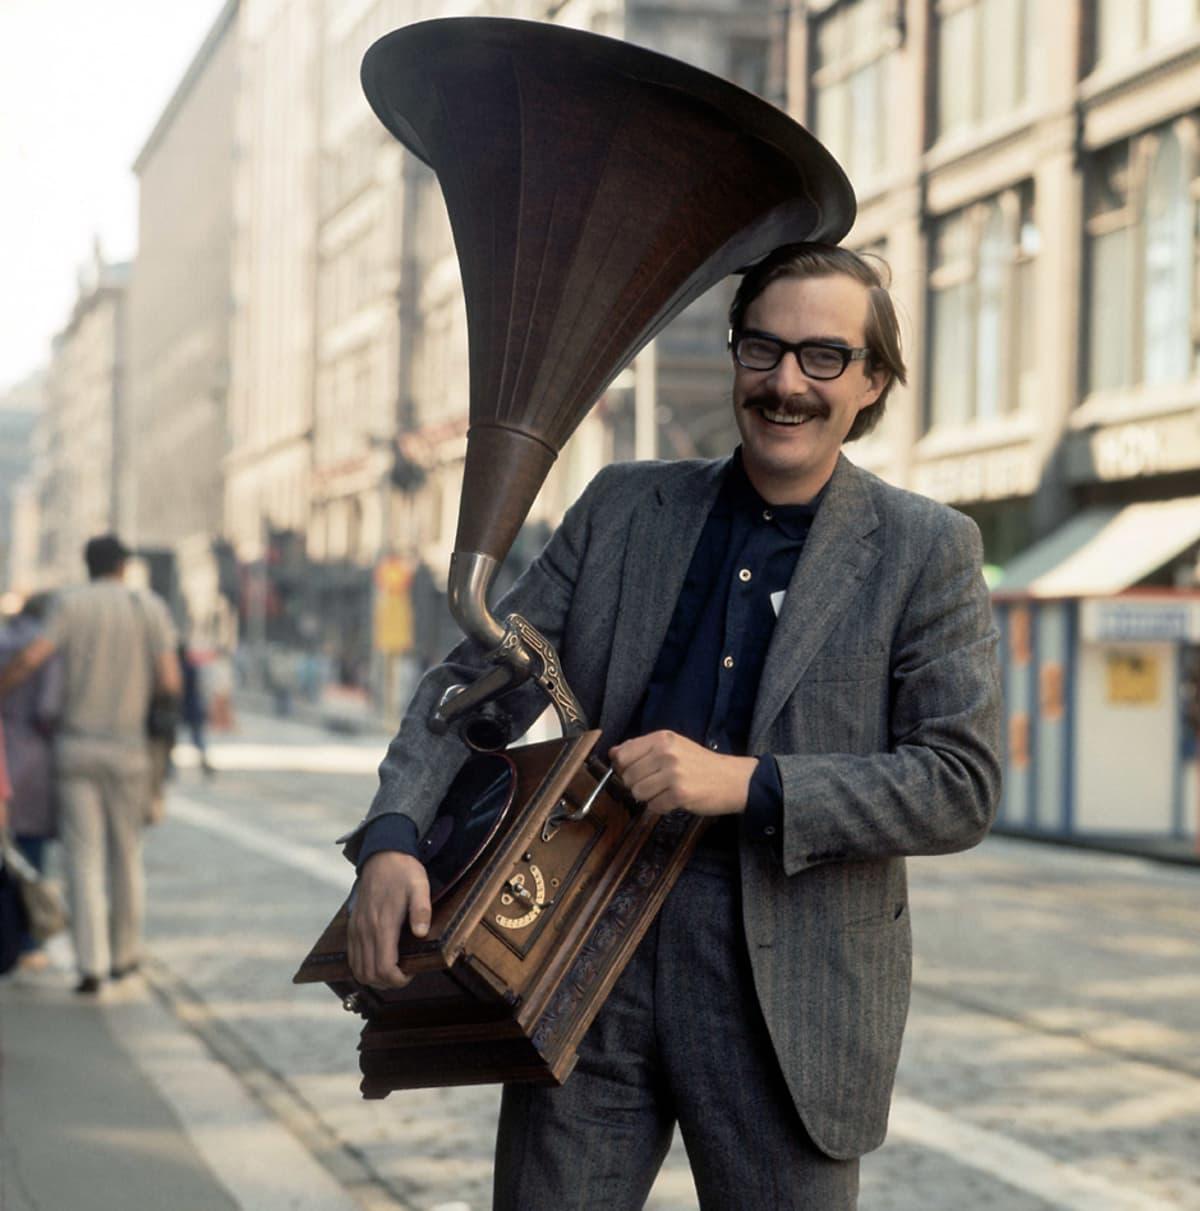 Säveltäjä Henrik Otto Donner kesällä 1970. Hänellä on kädessään käsin veivattava gramofoni, jossa on suuri tummanruskea torvi.